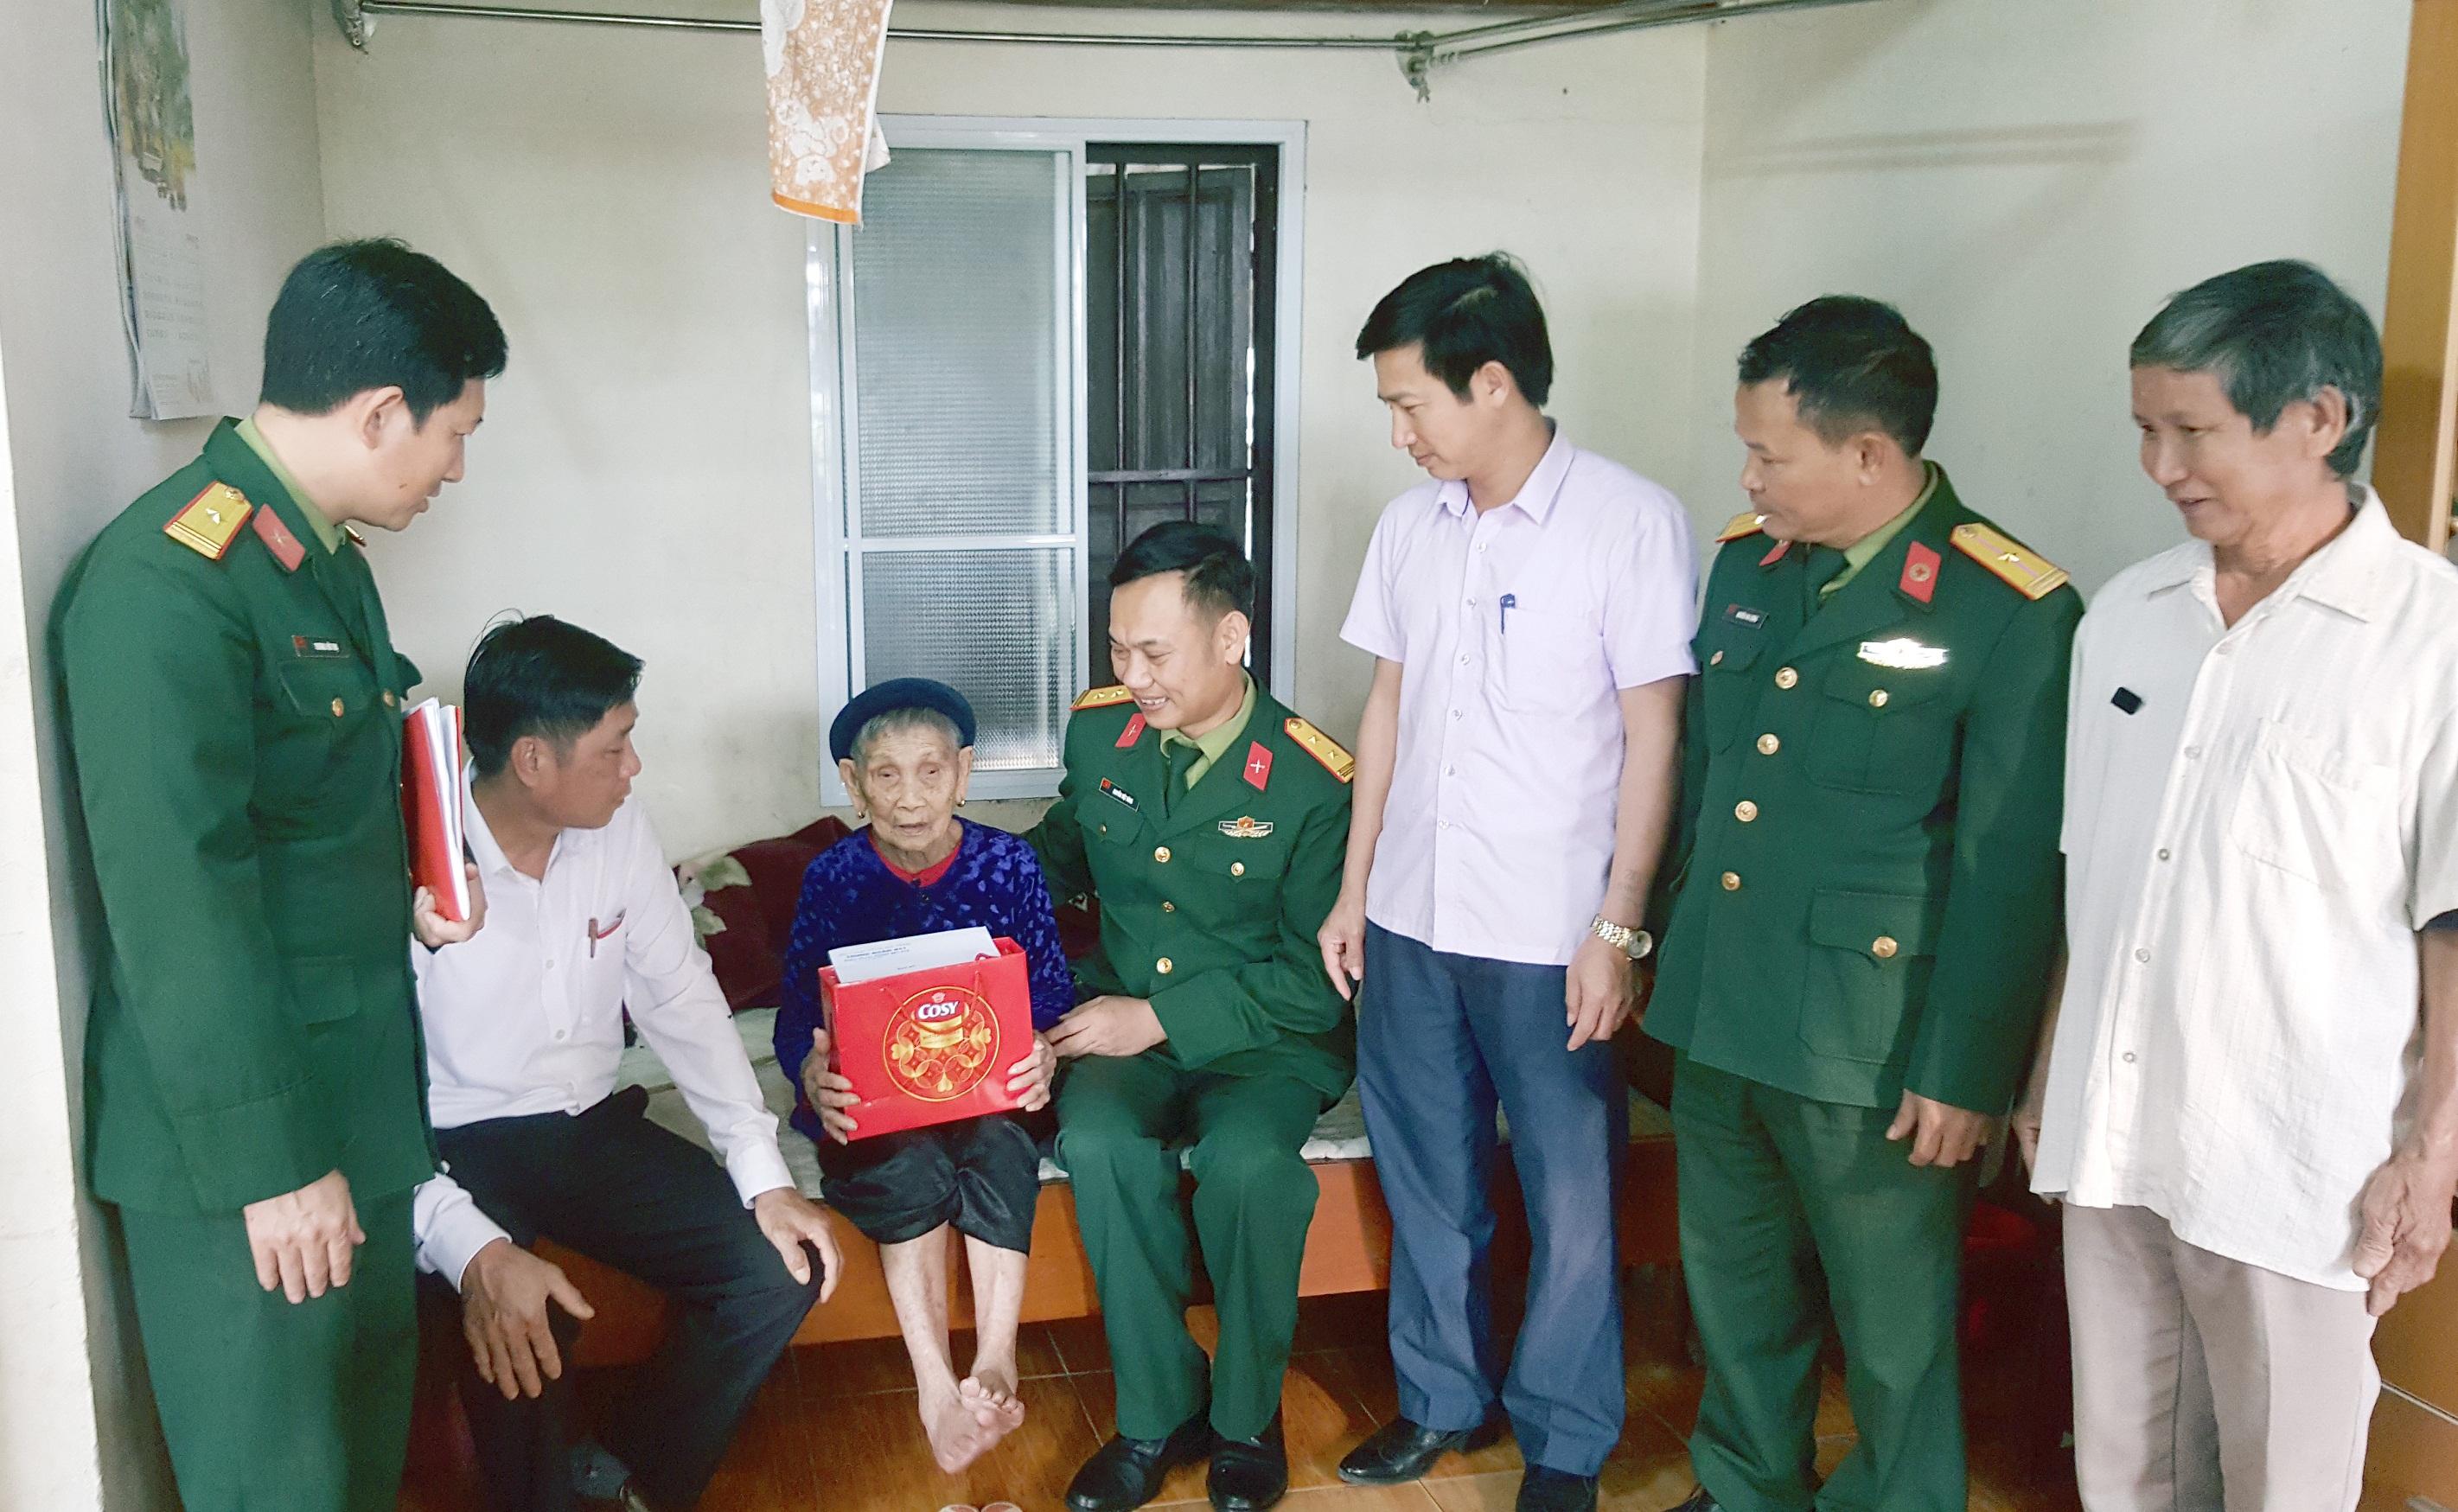 Cán bộ, chiến sỹ Trung đoàn 841 thăm hỏi, tặng quà Mẹ Việt Nam anh hùng Đặng Thị Em, thôn 2, xã Nam Phúc Thăng, huyện Cẩm Xuyên